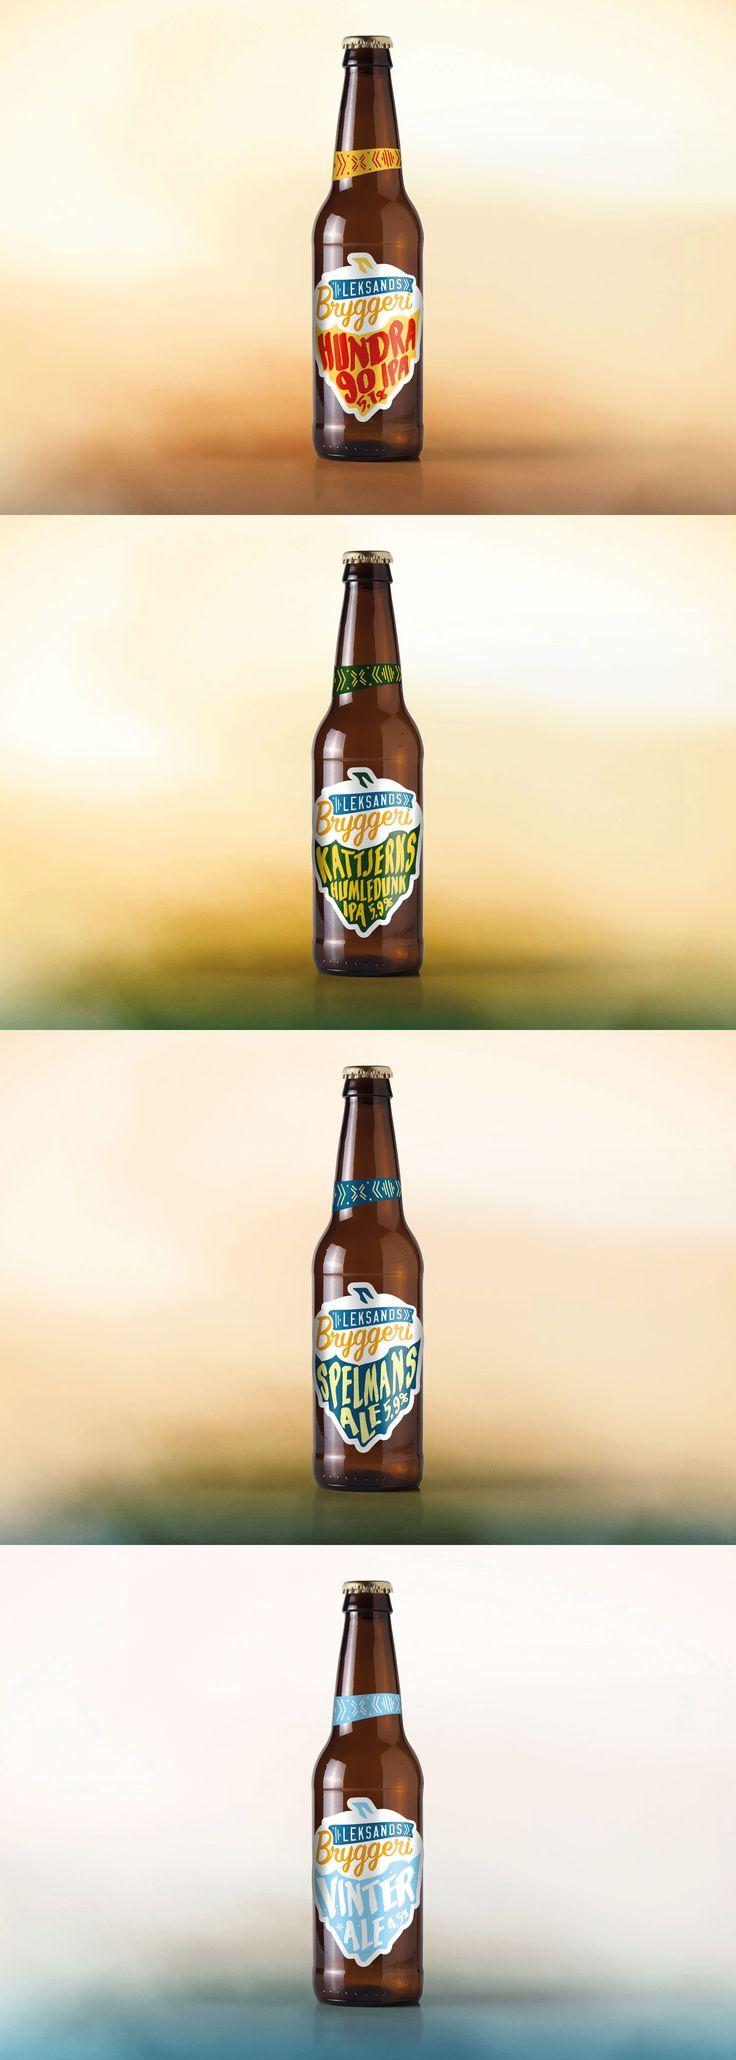 Leksands Bryggeri concept by Viktor Forsman  #packaging #beer #label #design #packagingdesign #leksand #forpackningsdesign #forpackning #öl #mikroöl